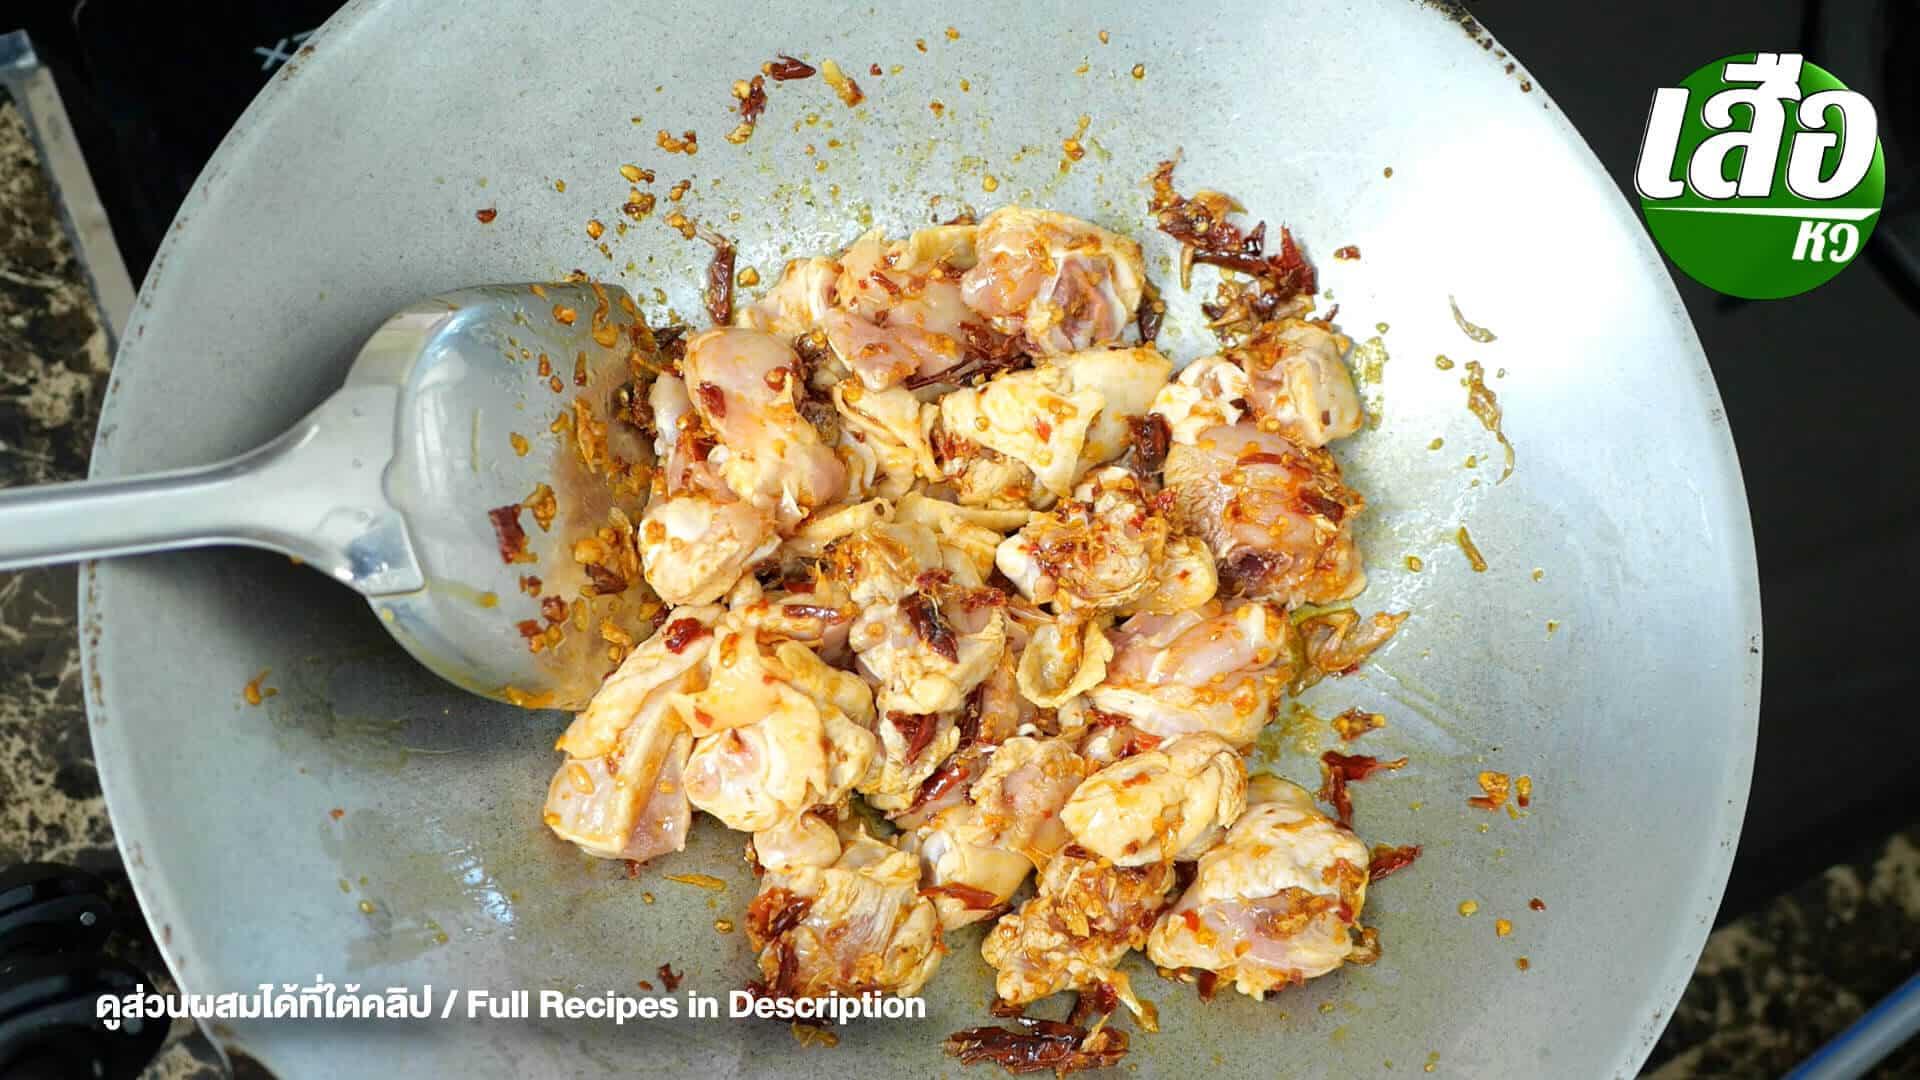 วิธีการผัดไก่ผัดพริกแห้ง